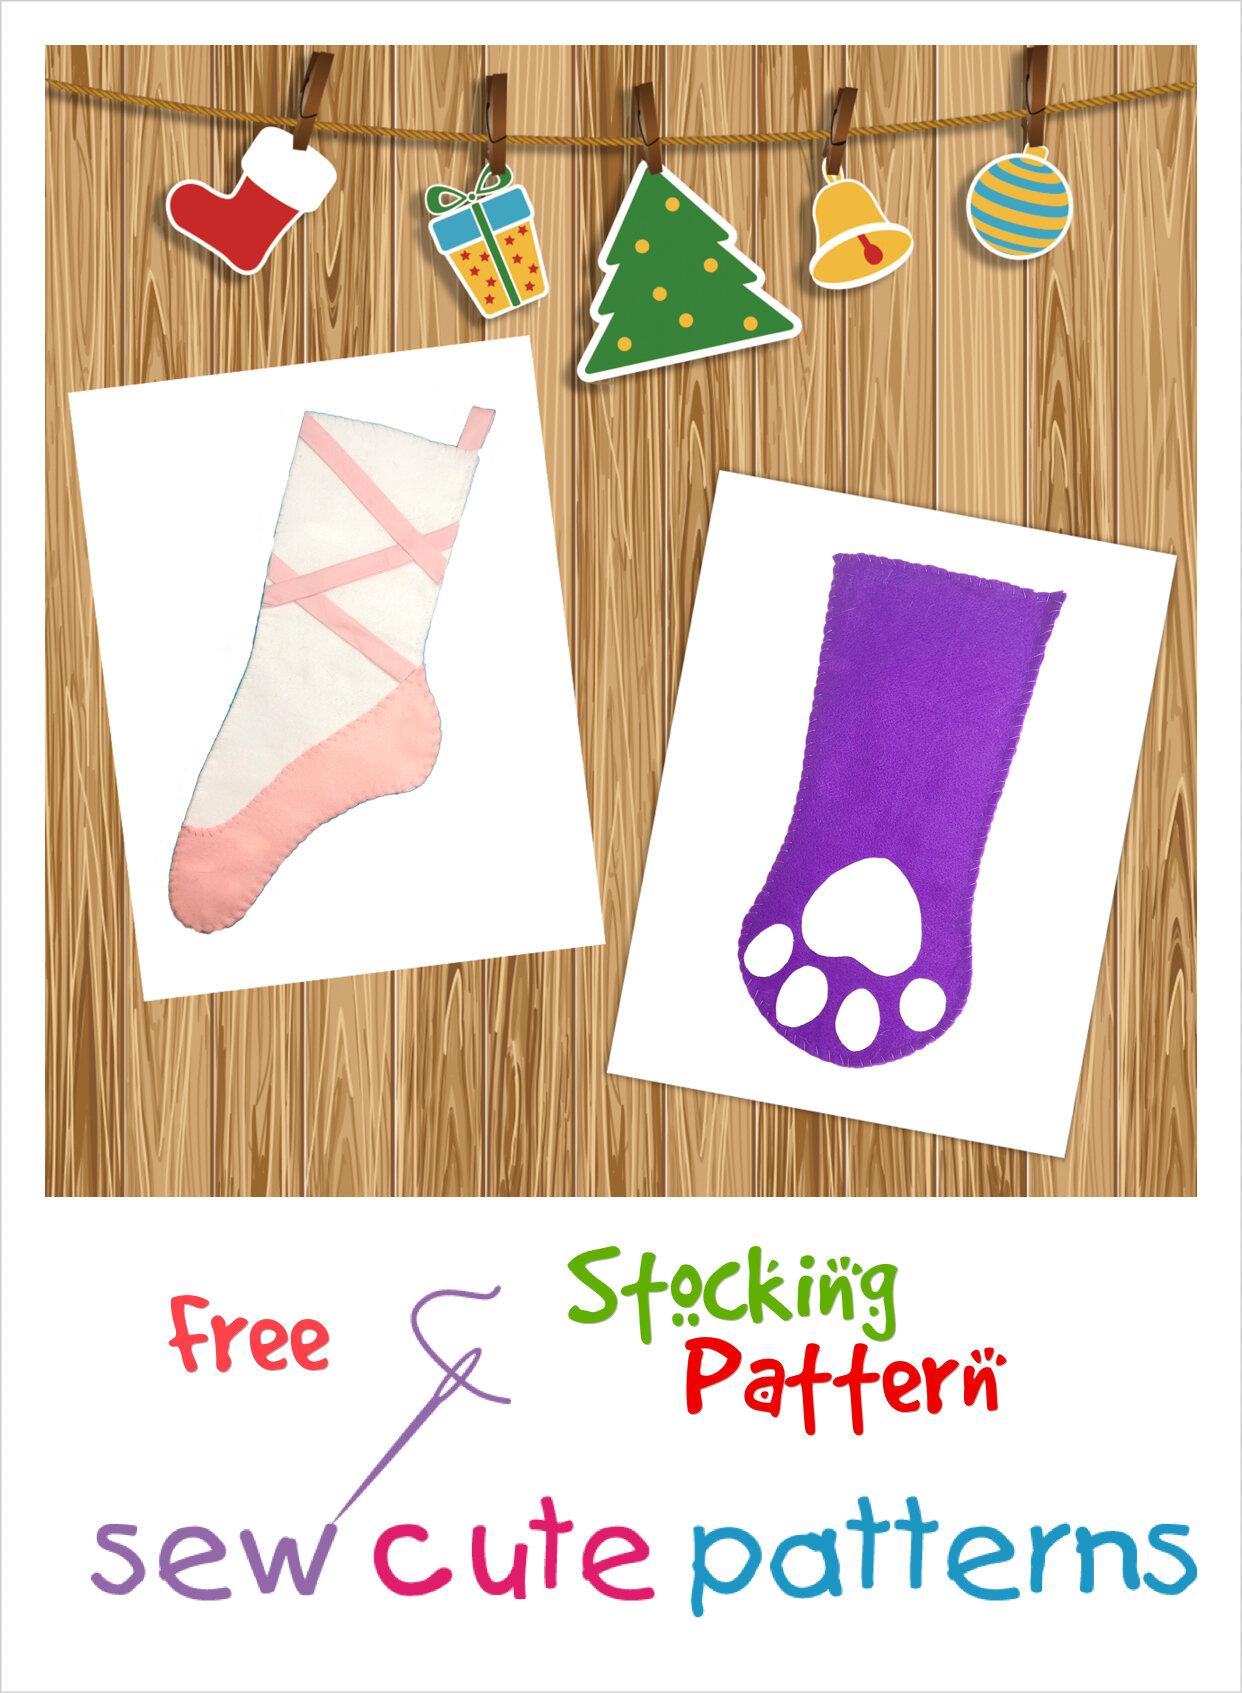 stocking pattern.jpg